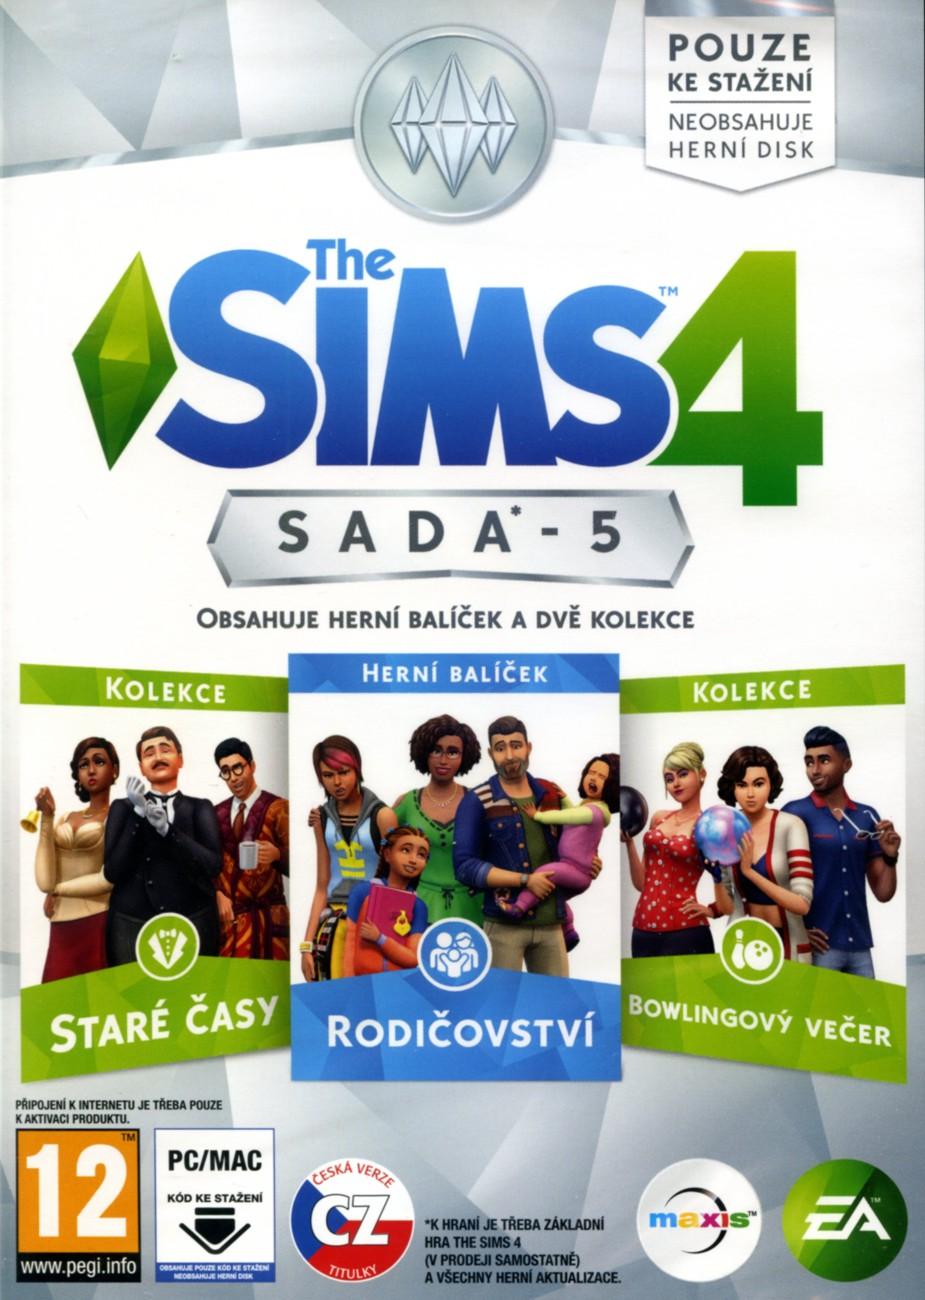 THE SIMS 4 SADA 5: RODIČOVSTVÍ + STARÉ ČASY + BOWLINGOVÝ VEČER - PC